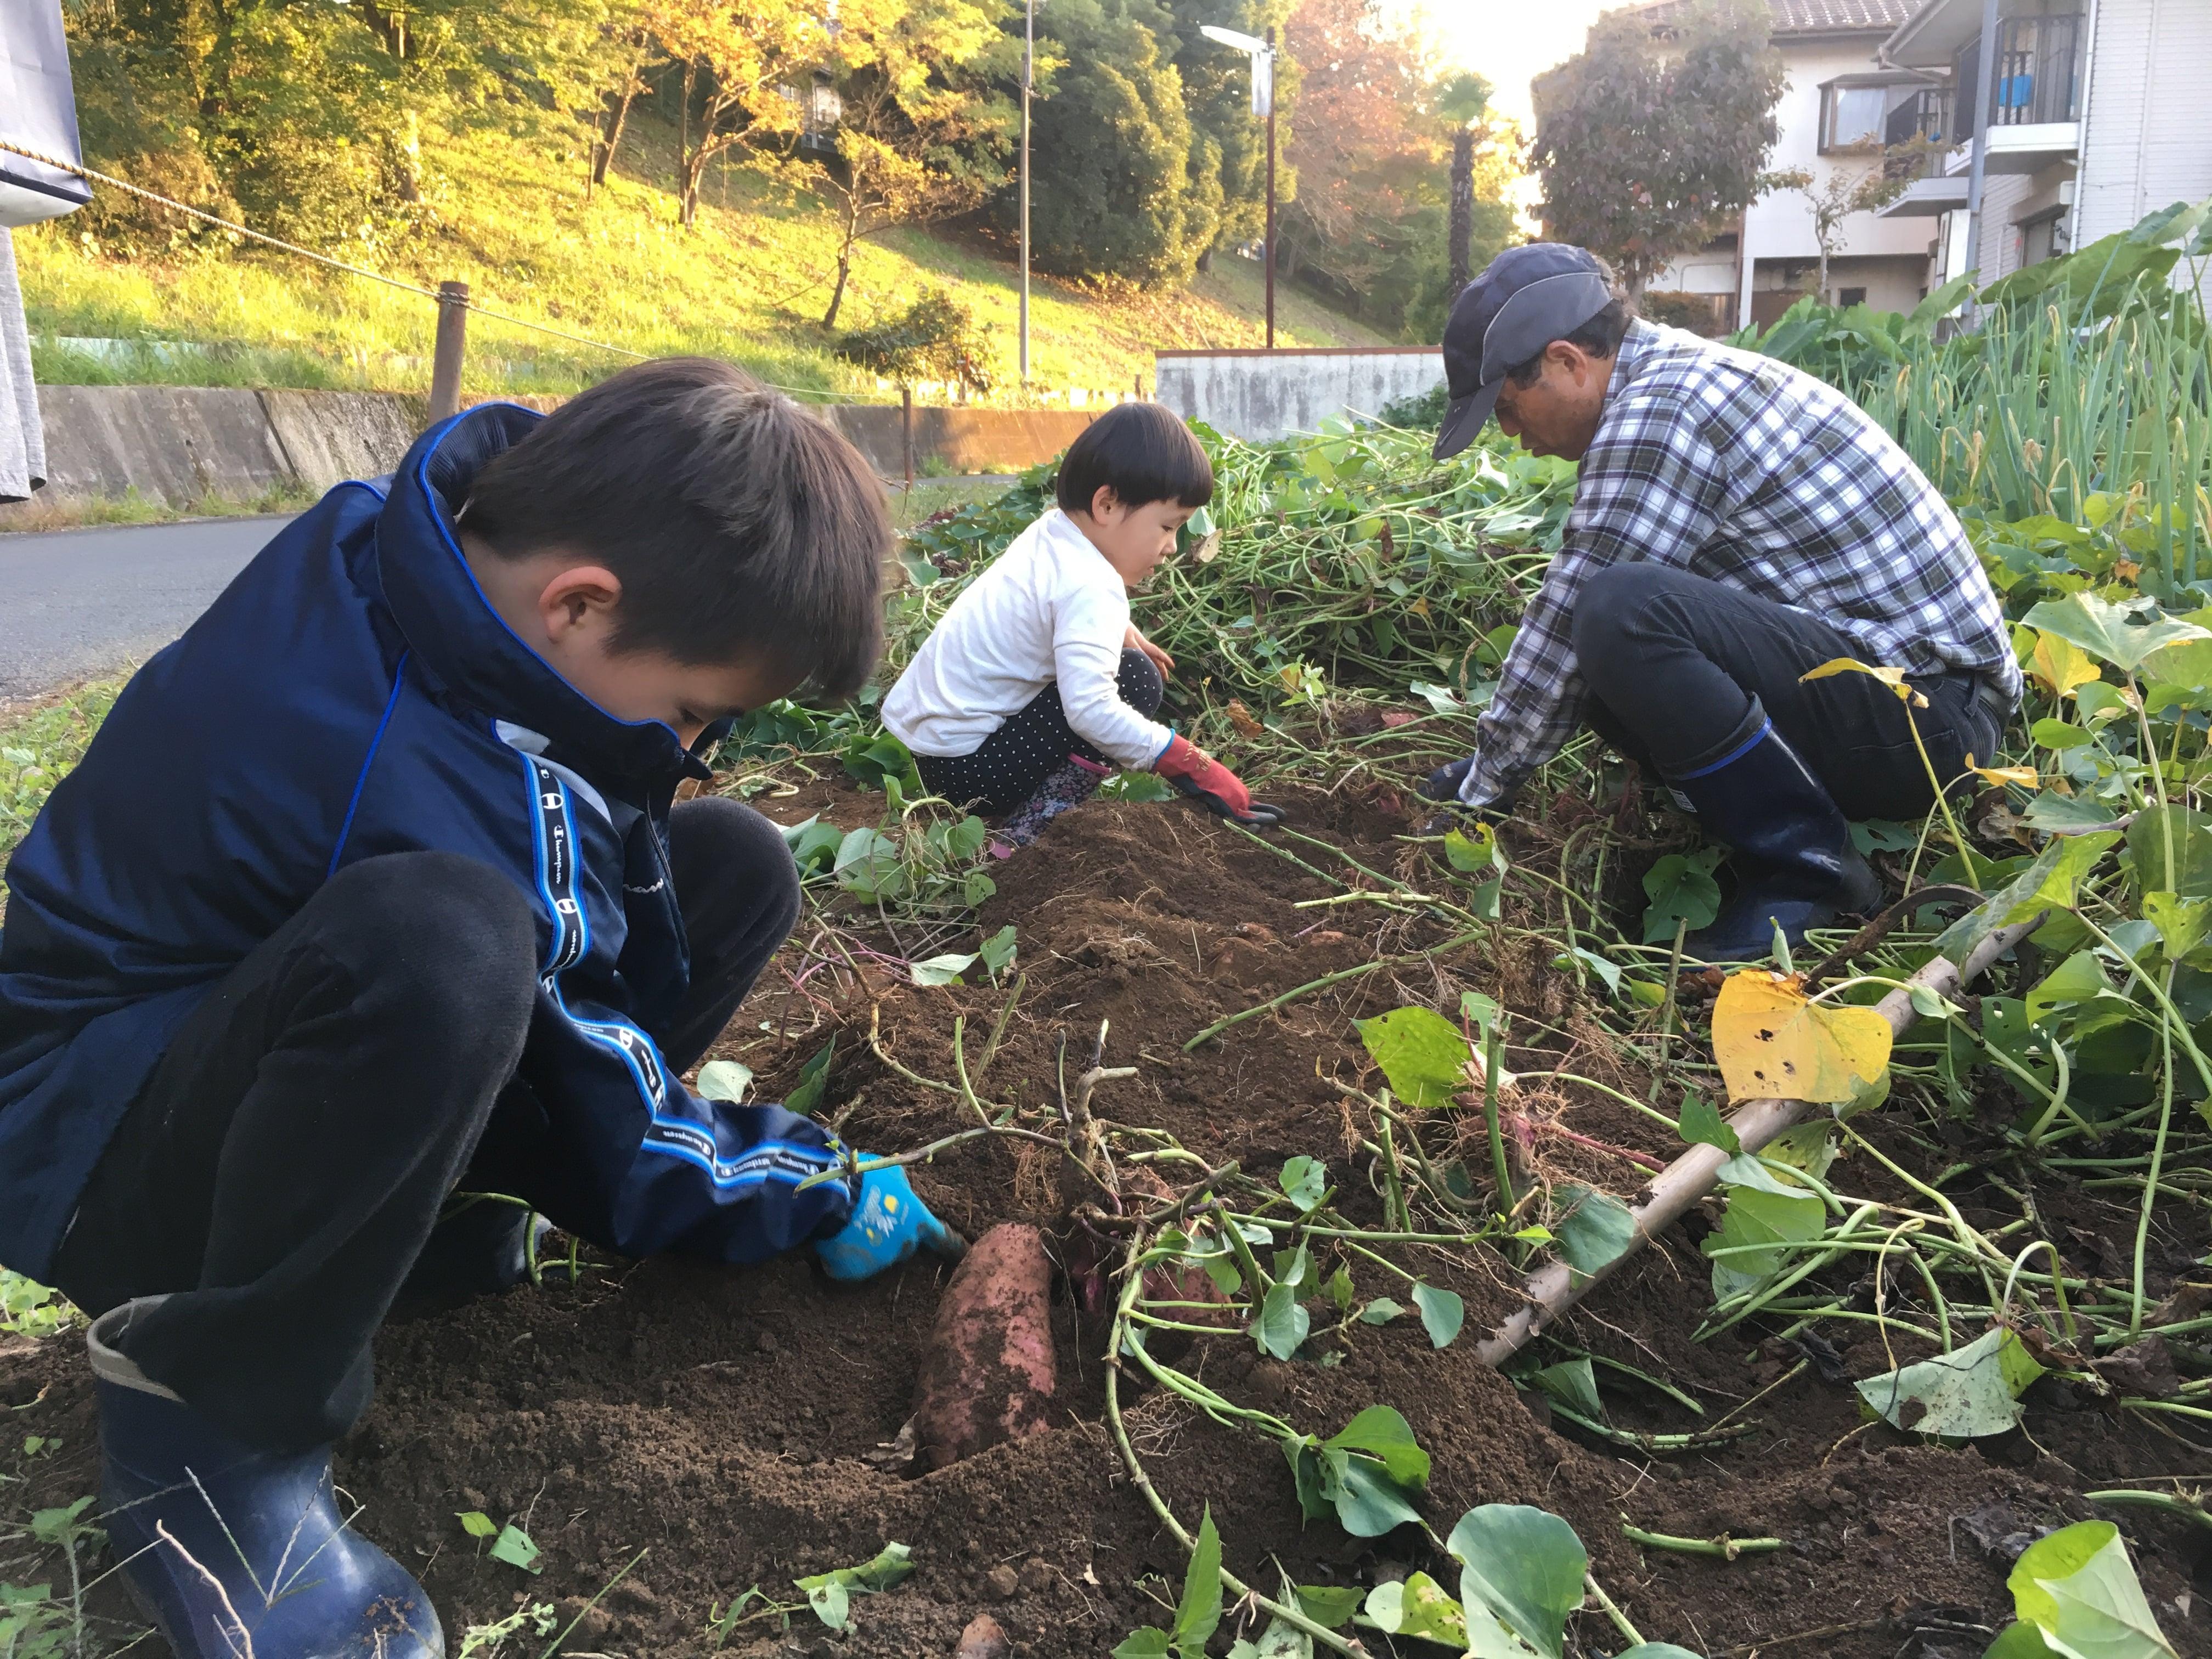 [さいたま]ヤギがきます!無農薬で育てるジャガイモの植付&壷焼き芋を食べ比べる会のイメージその5